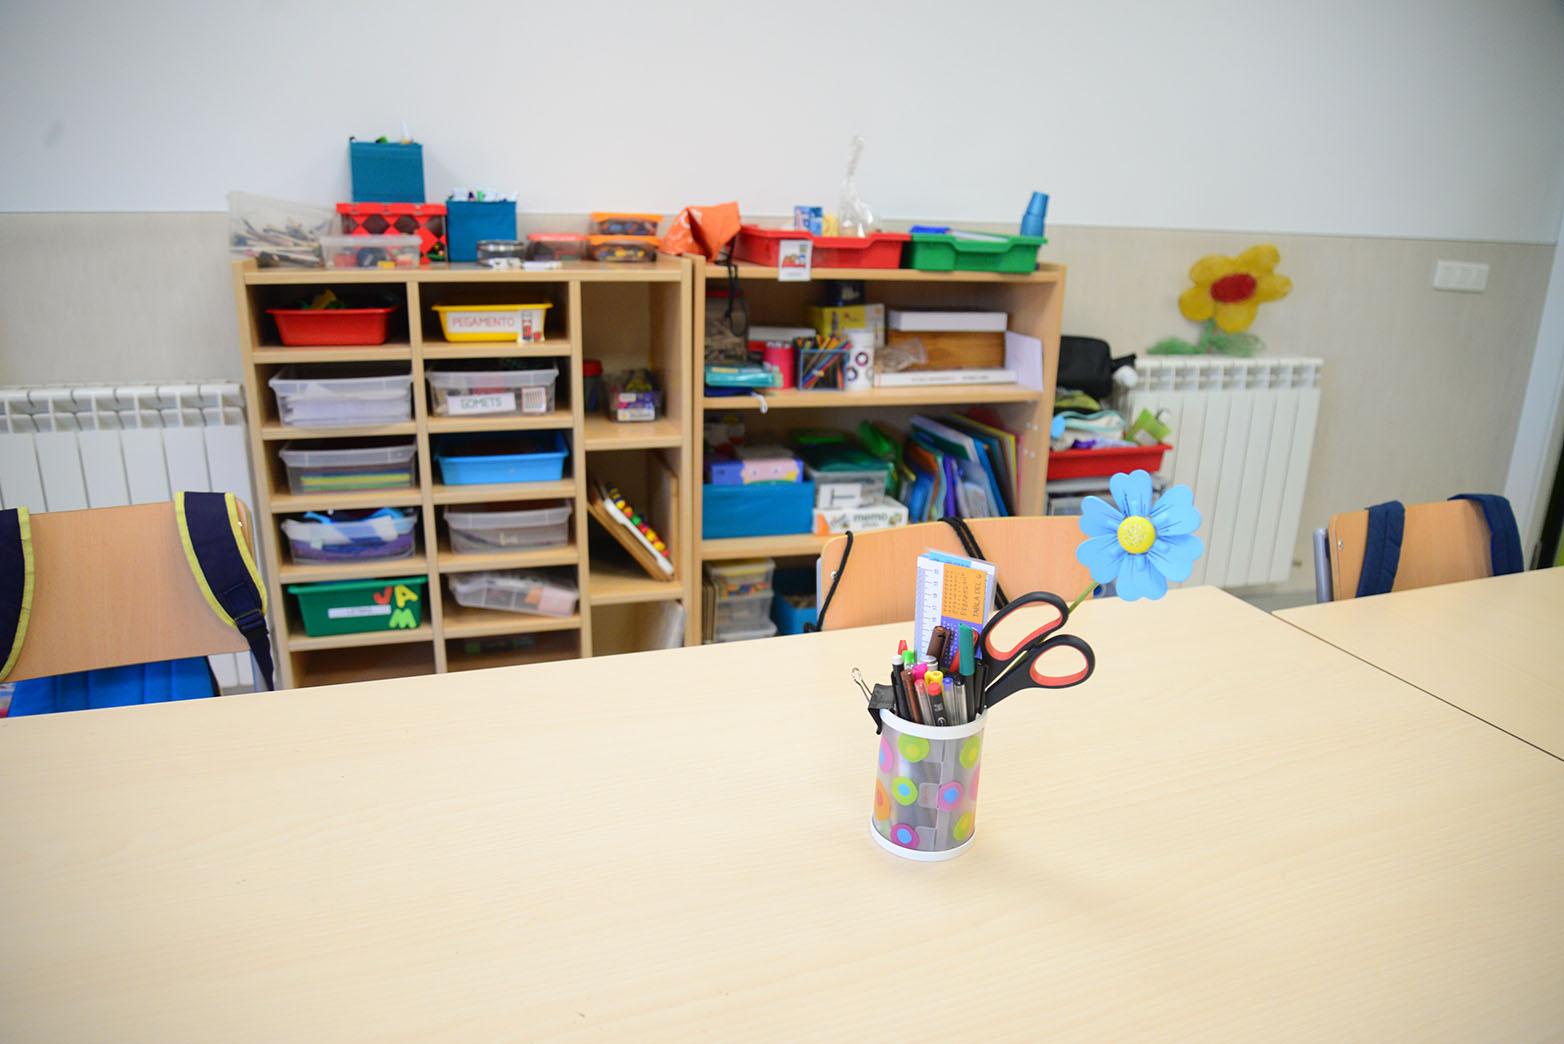 Imagen de archivo del interior de un aula.